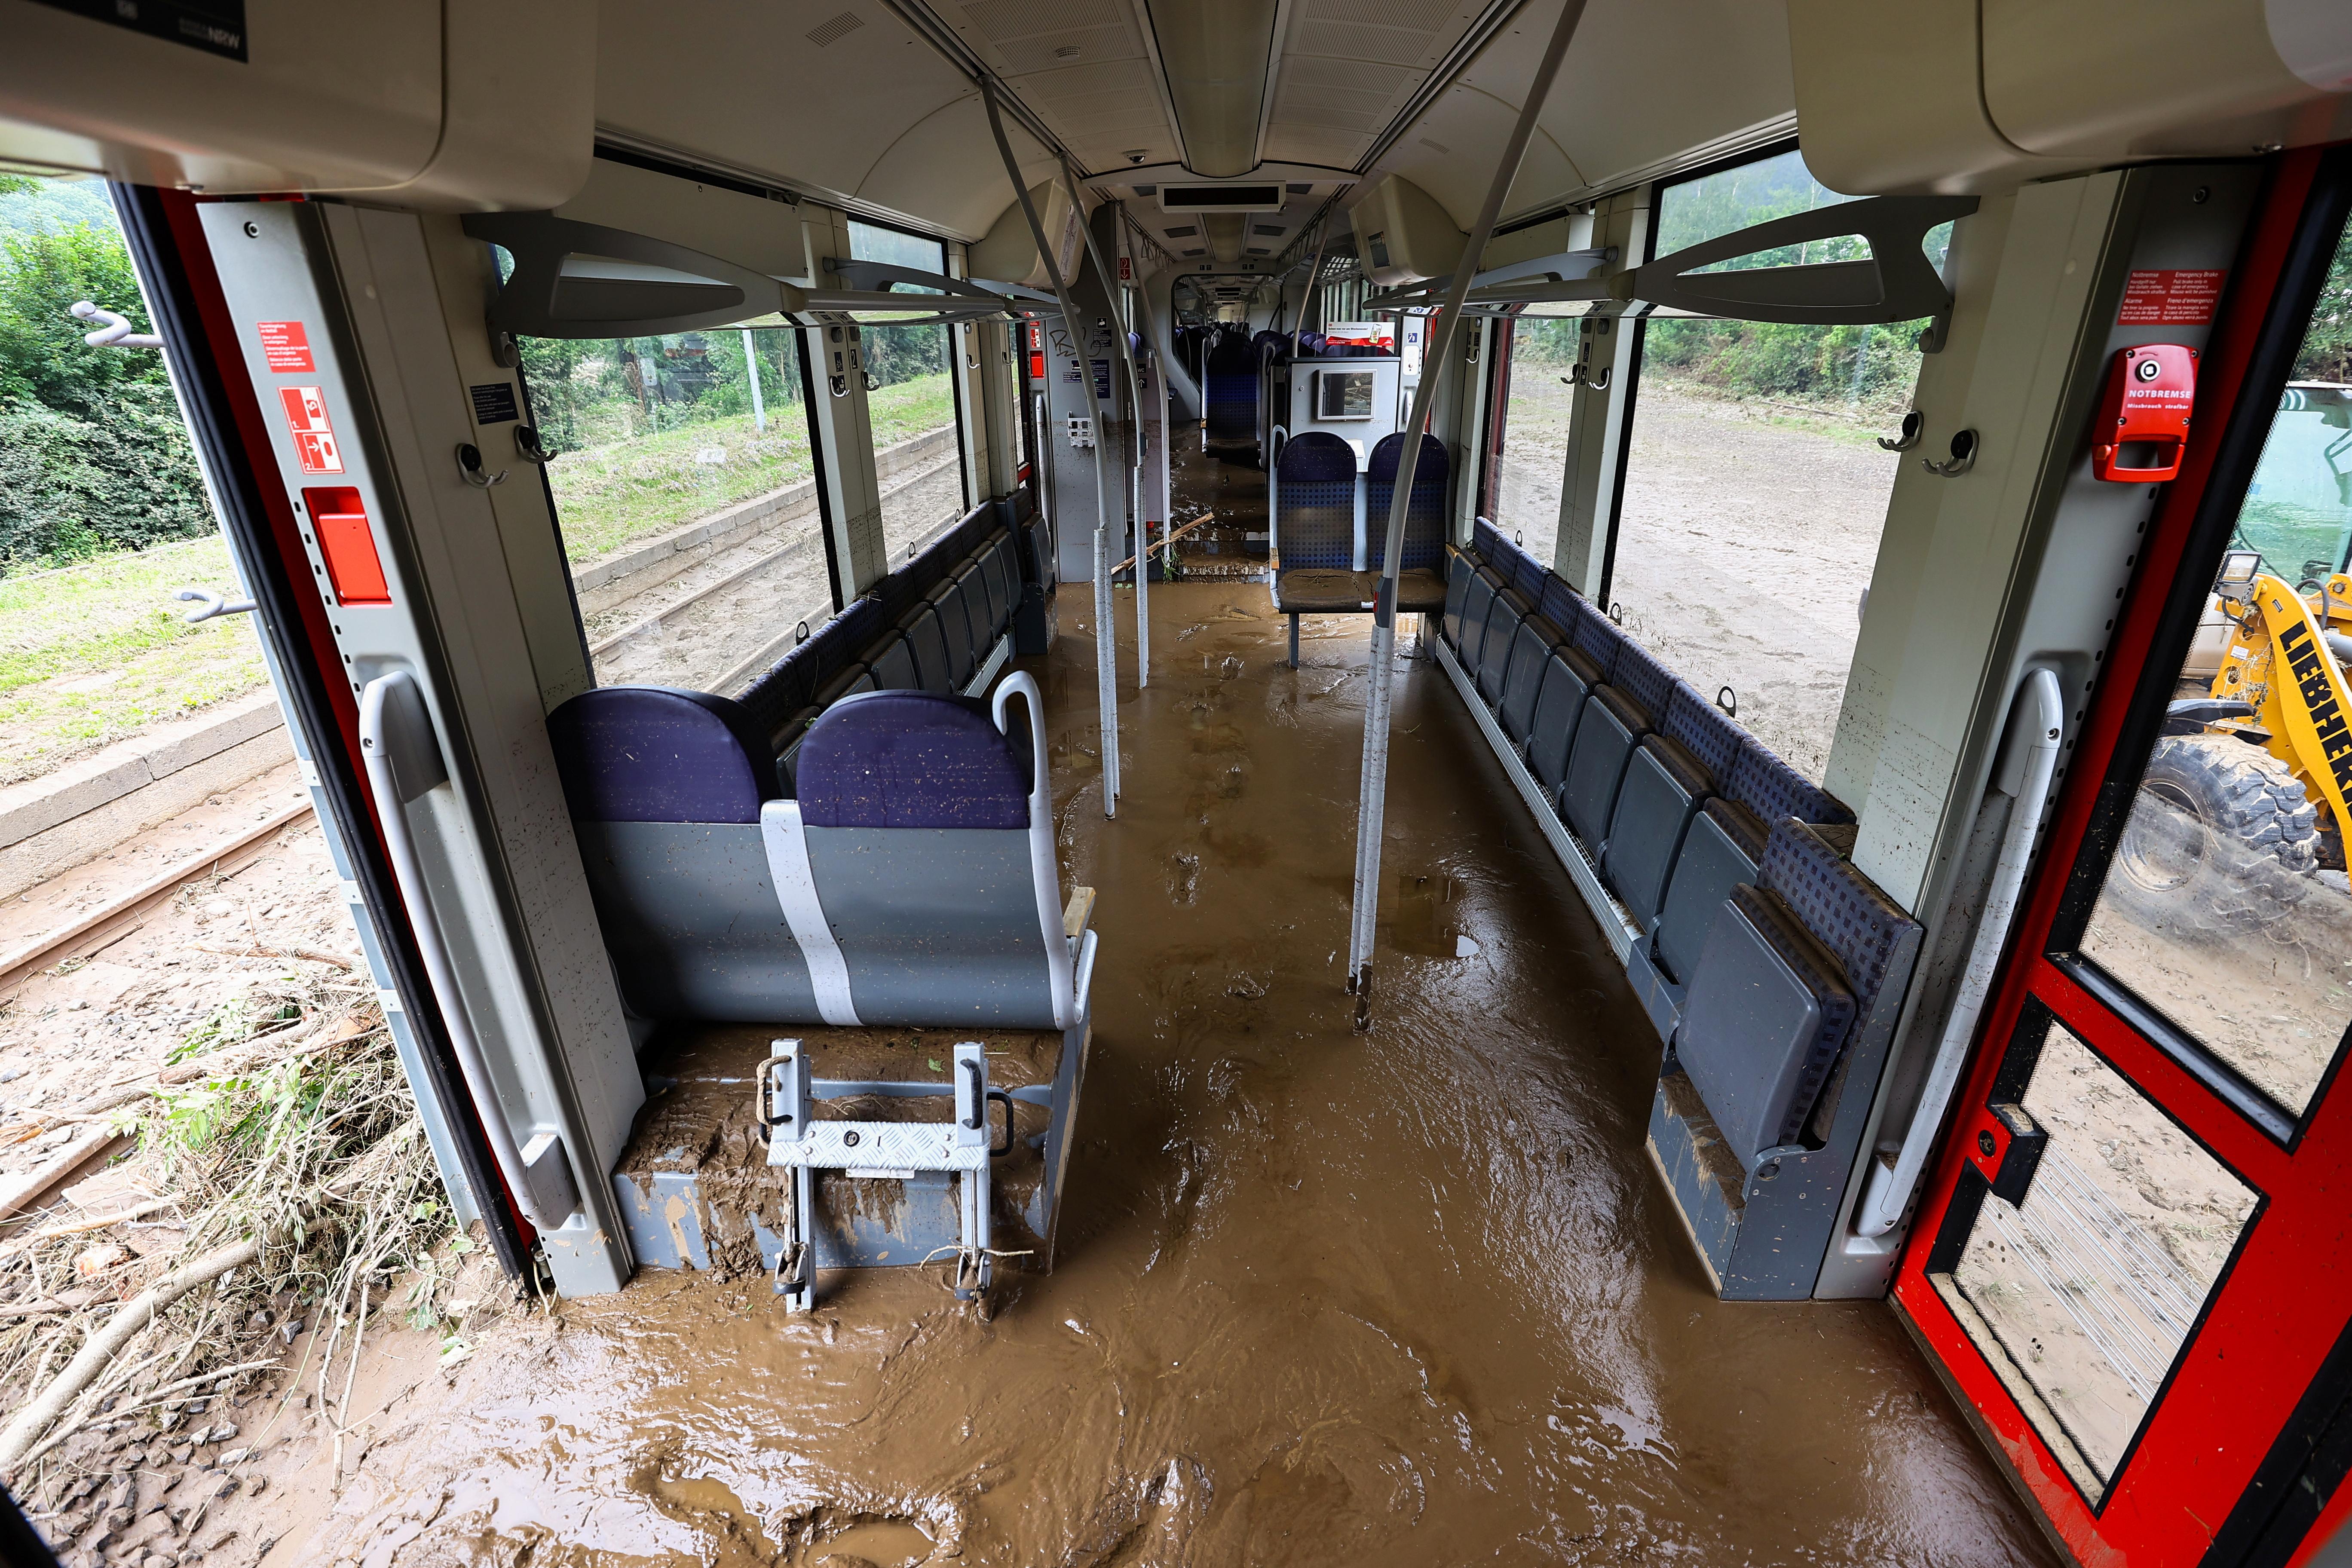 जर्मनी के क्रेजबर्ग शहर में ट्रेन के अंदर बारिश का गंदी पानी और कीचड़ भर गया।